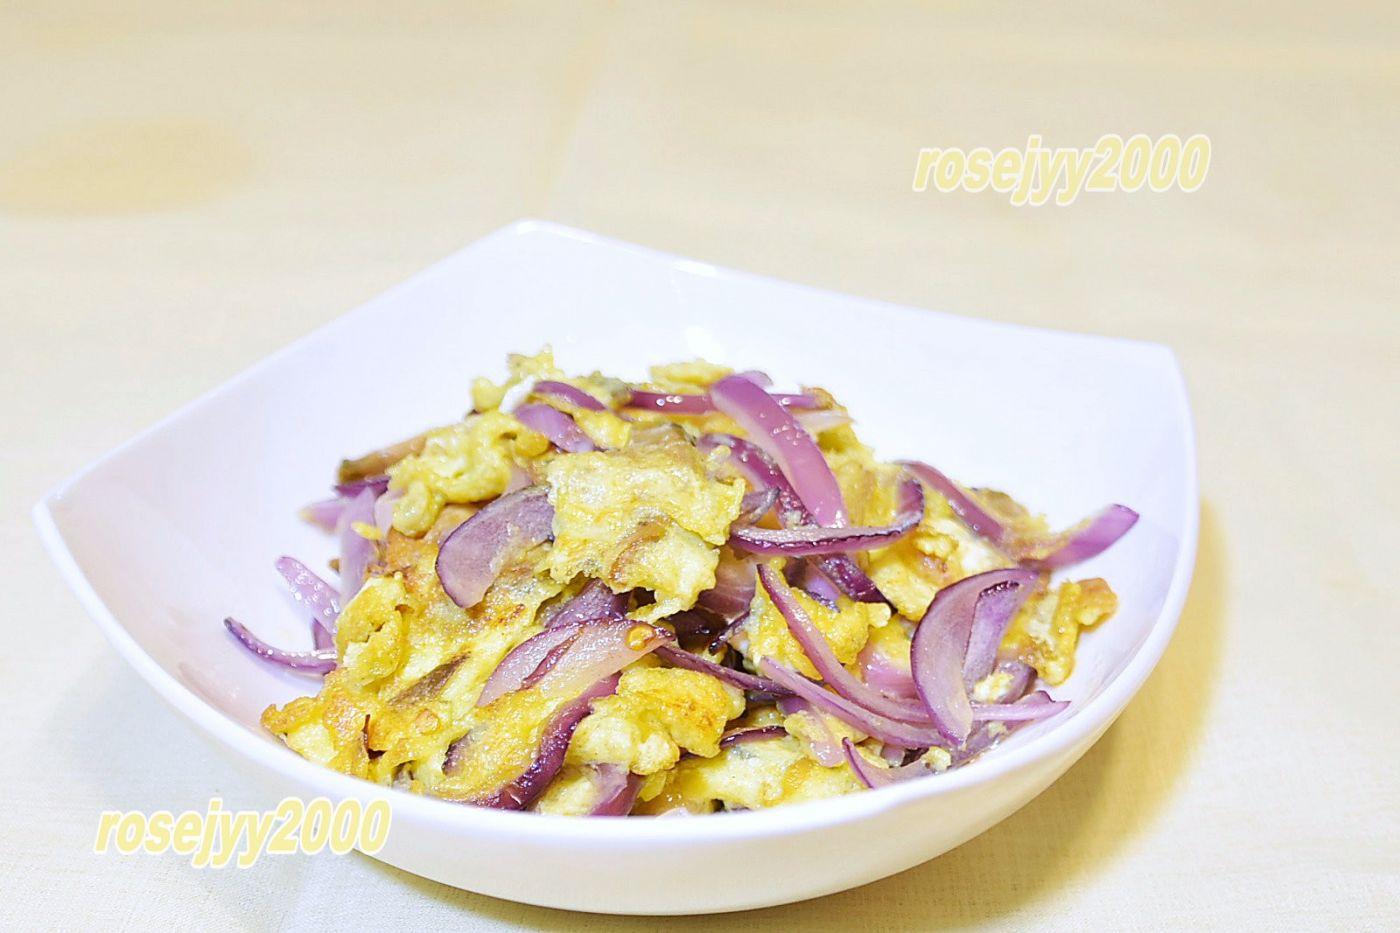 榨菜洋葱炒蛋_图1-1